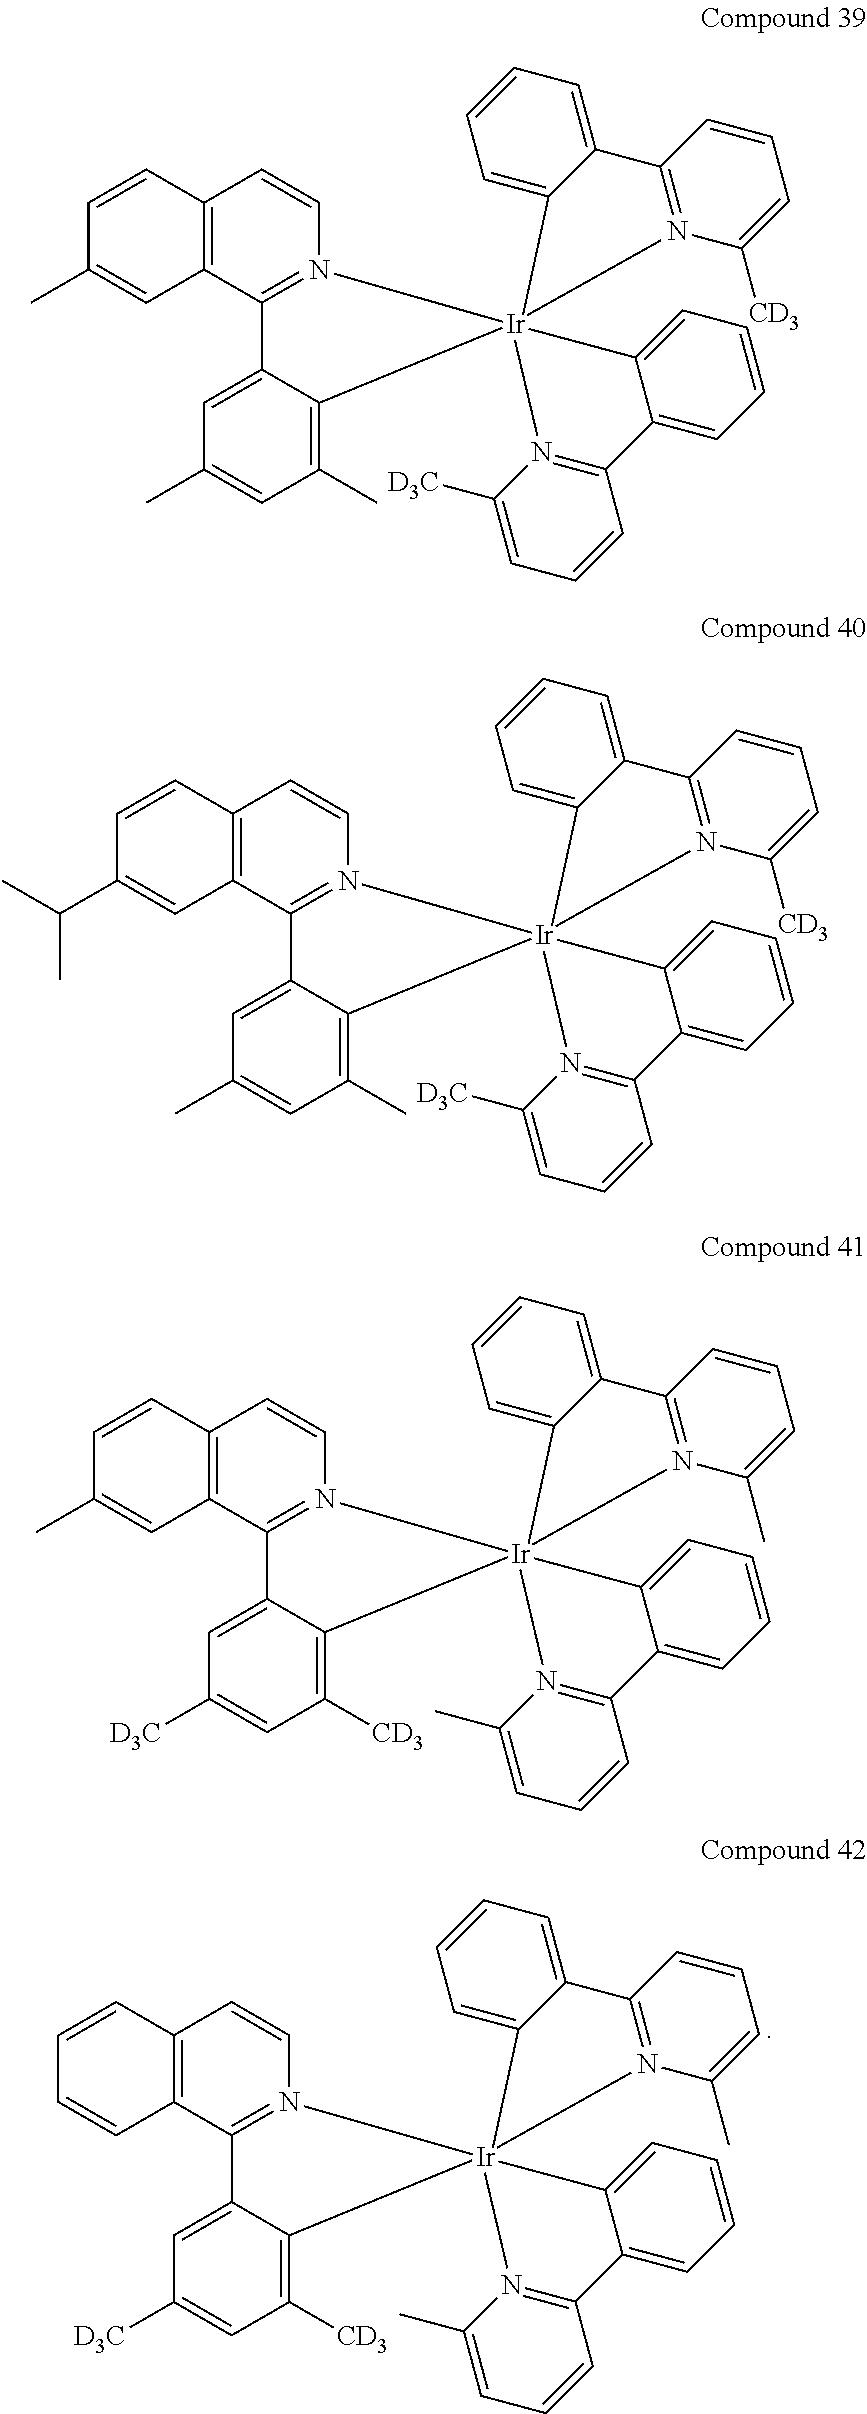 Figure US20100270916A1-20101028-C00221